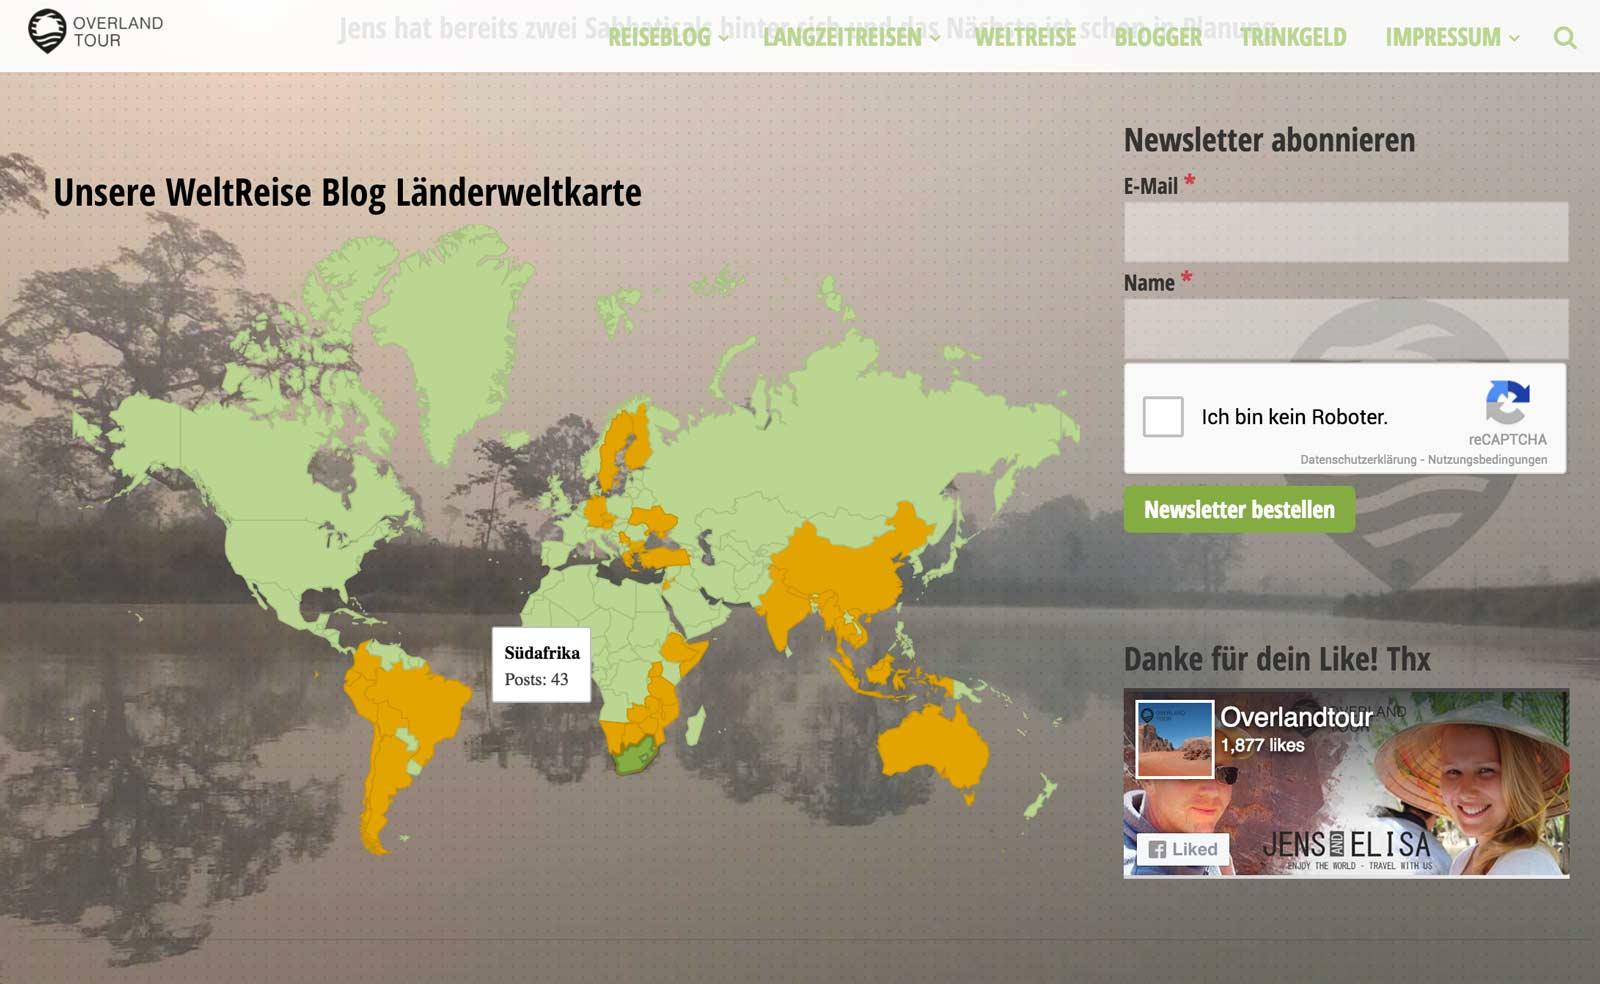 Weltkarten in deinen WordPress Blog einfügen